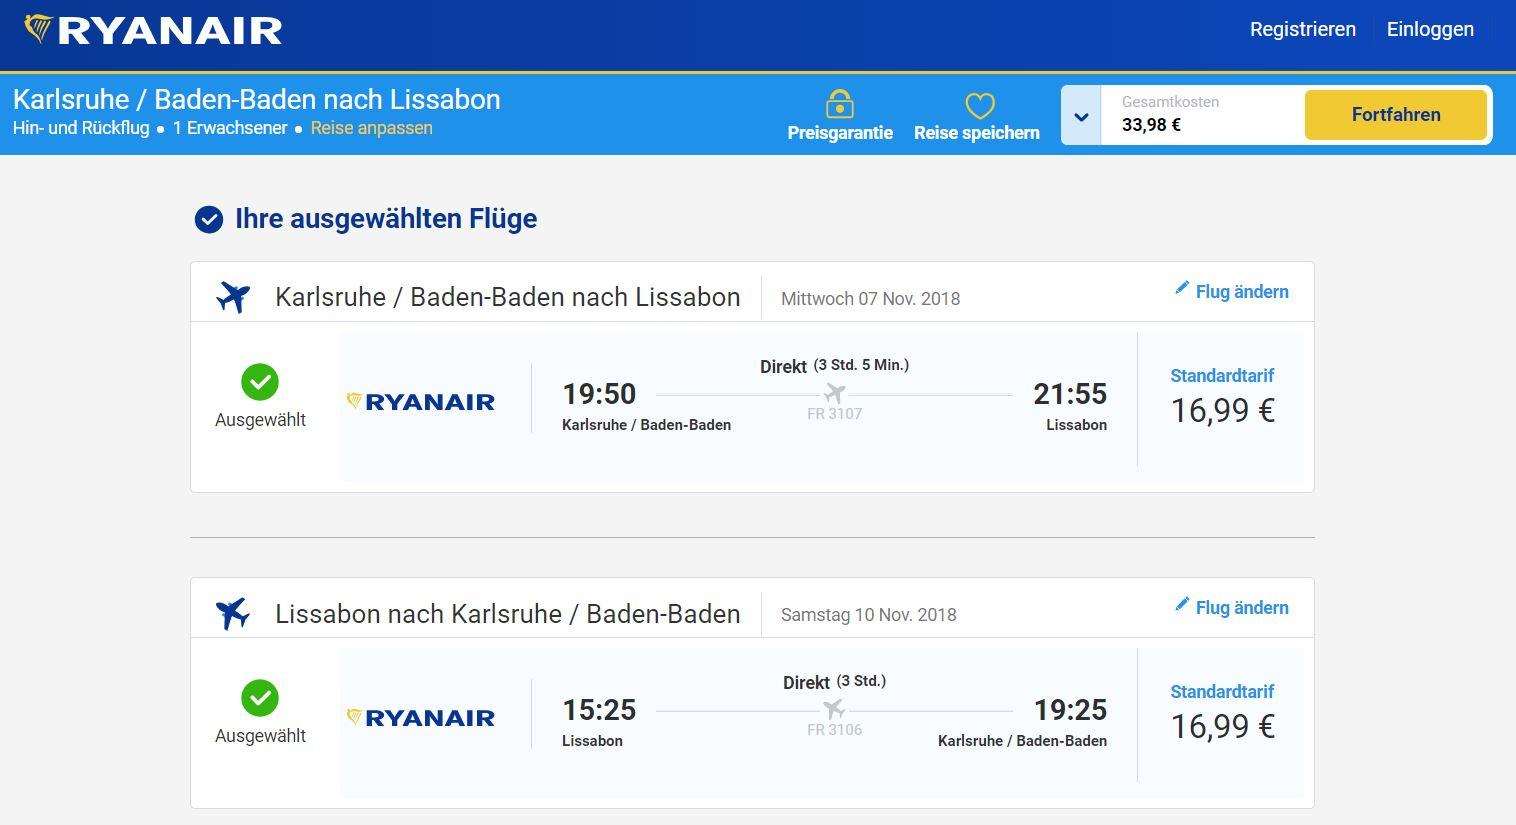 Ryanair - Hin- & Rückflug Karlsruhe Lissabon im November (07.-10.11.)